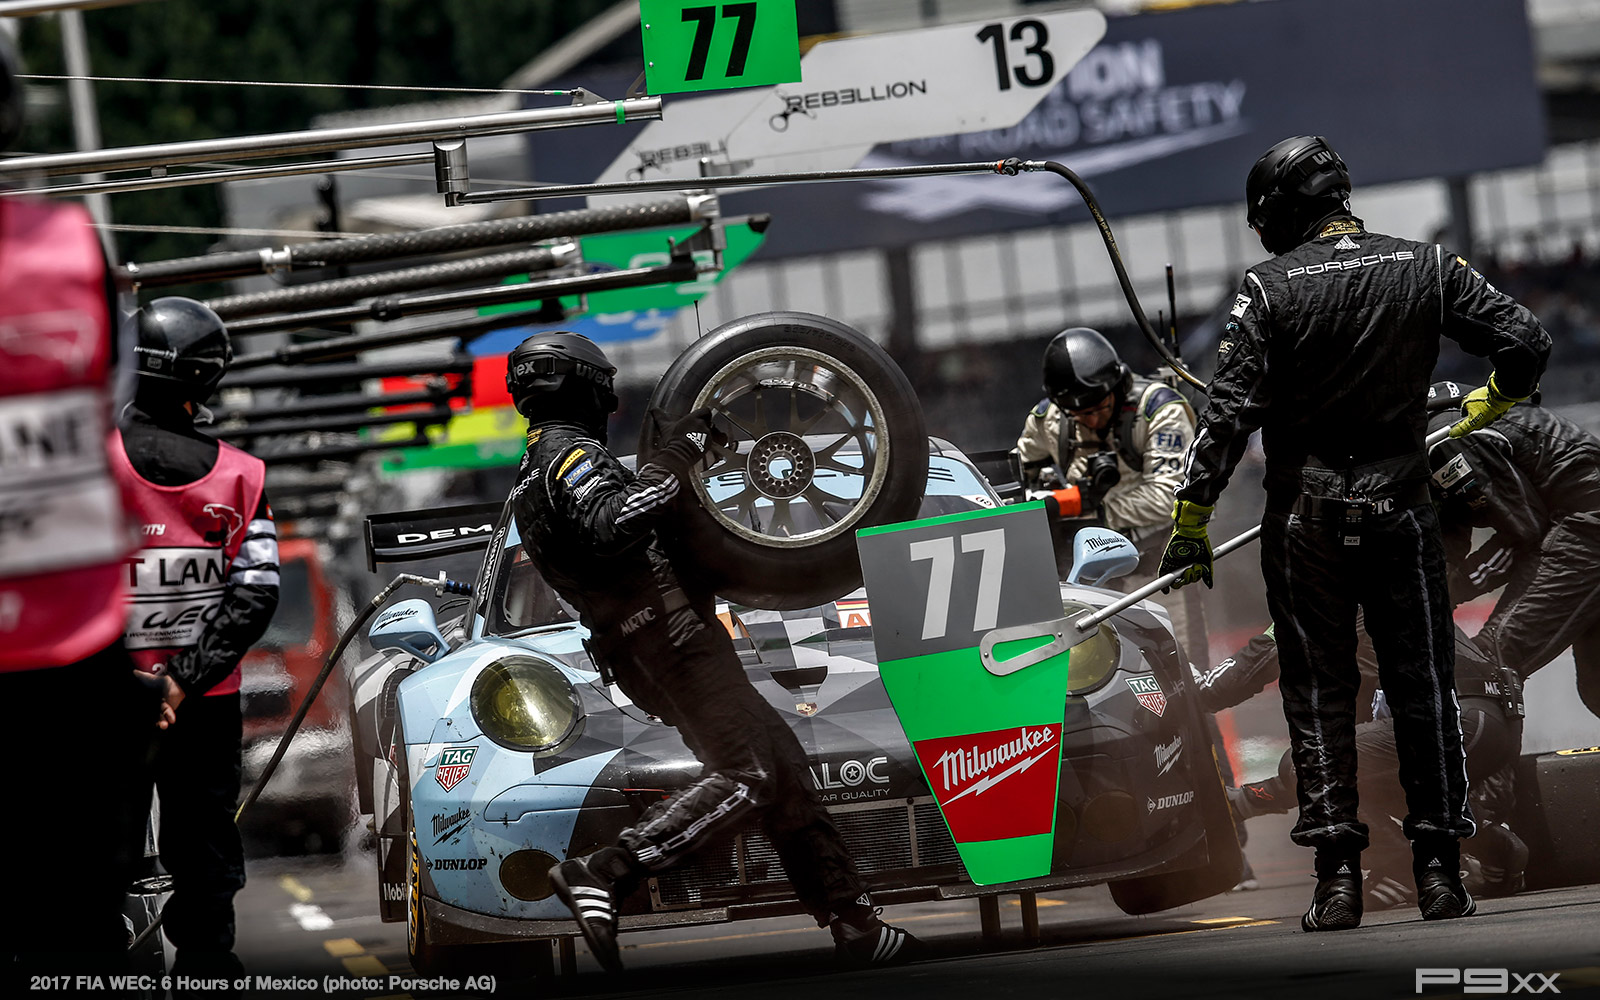 2017-FIA-WEC-6-HOURS-MEXICO-PORSCHE-1366